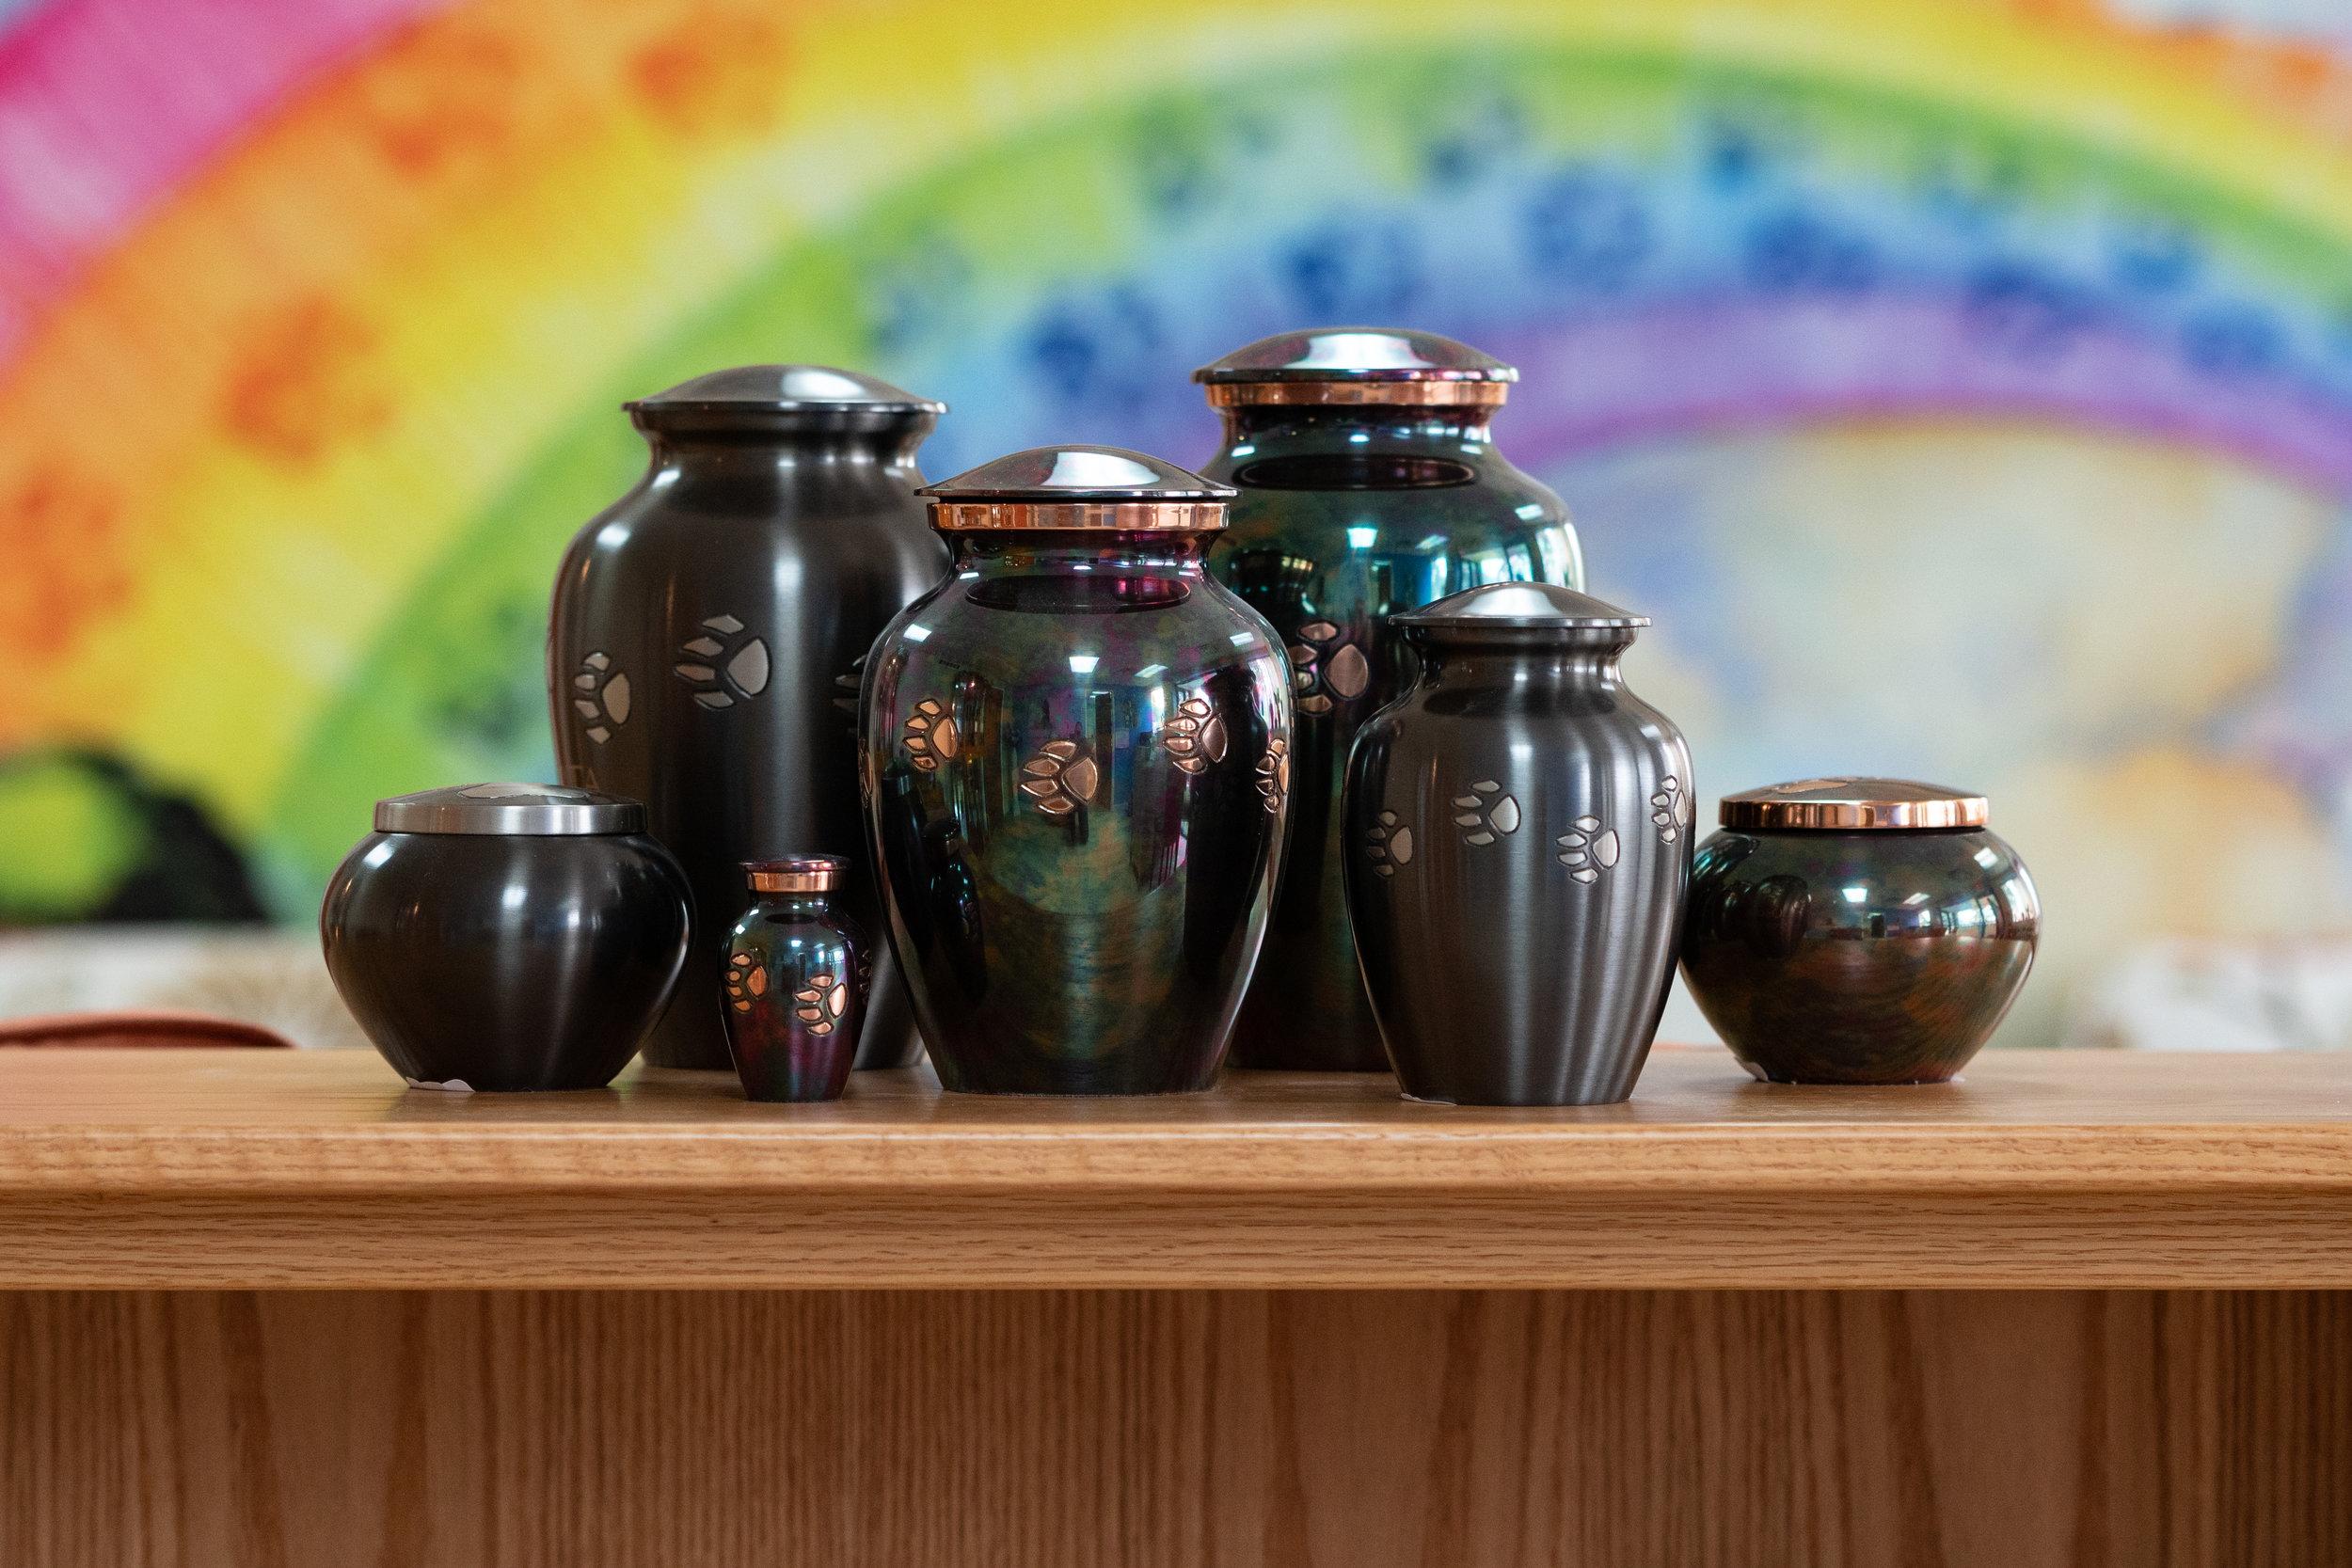 Paw Print Vase